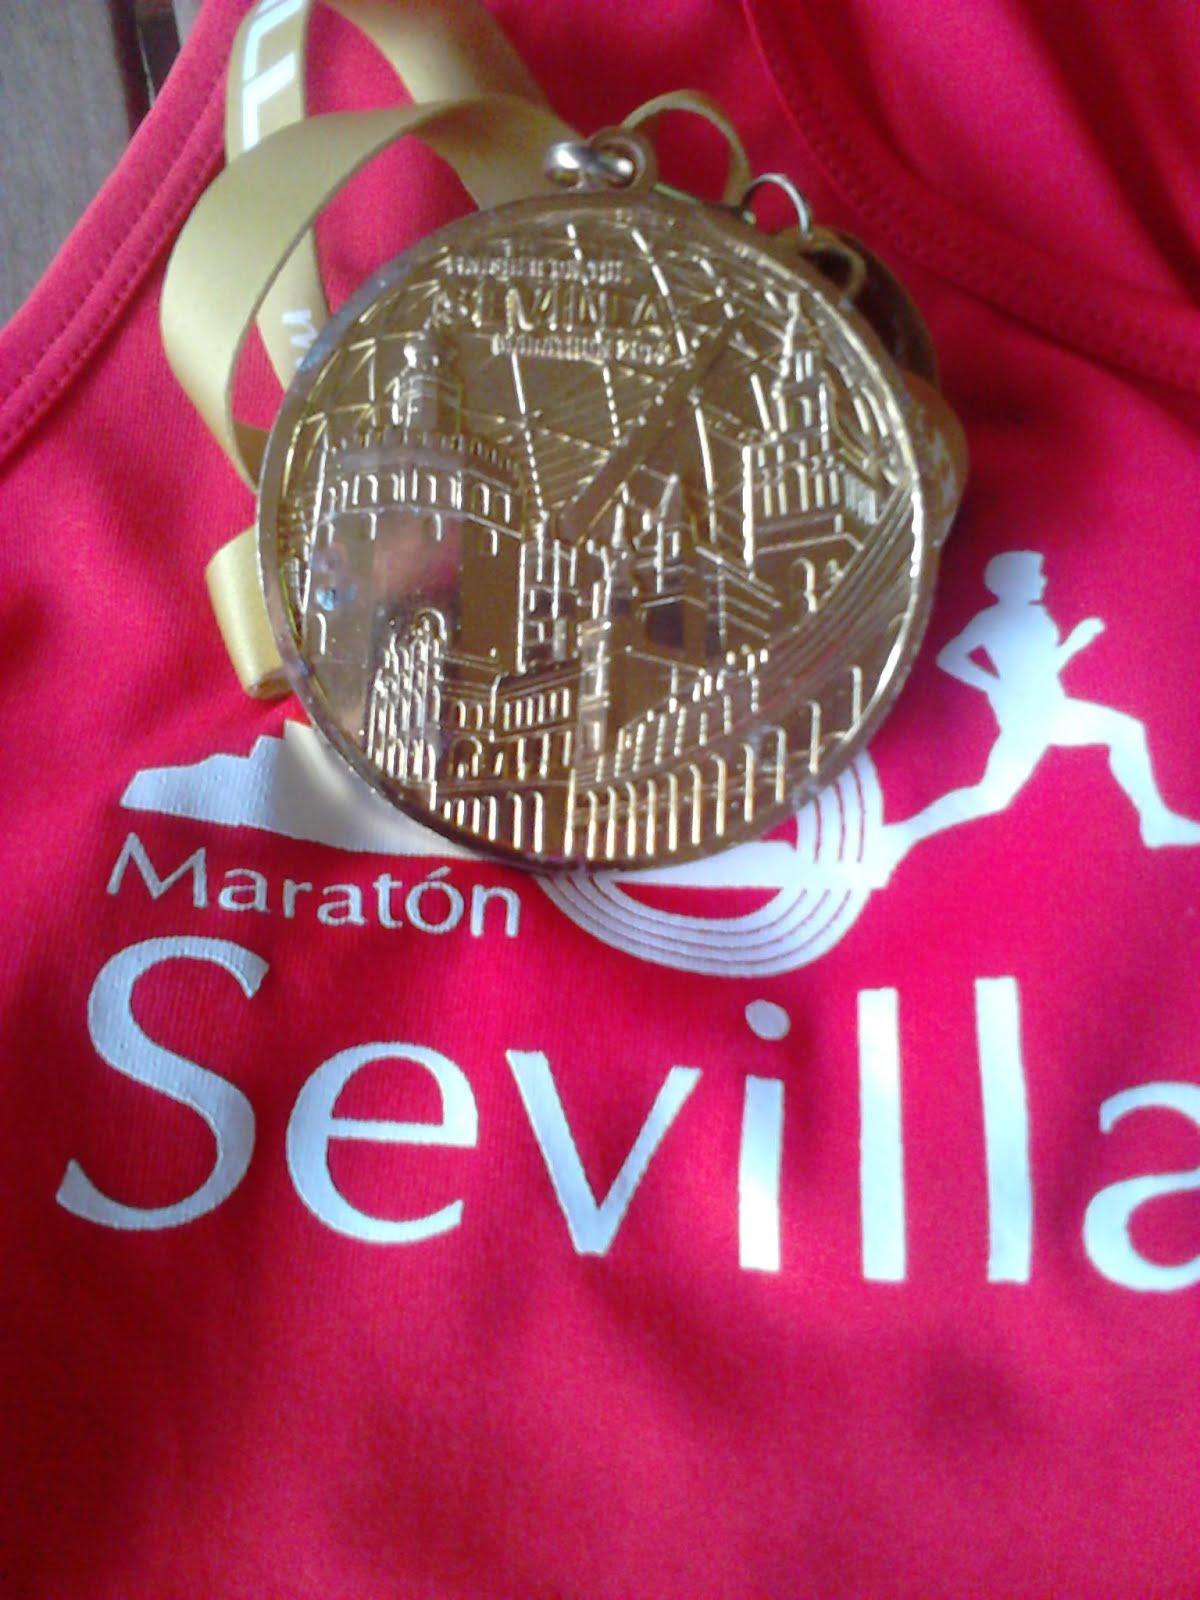 Sevilla 2014